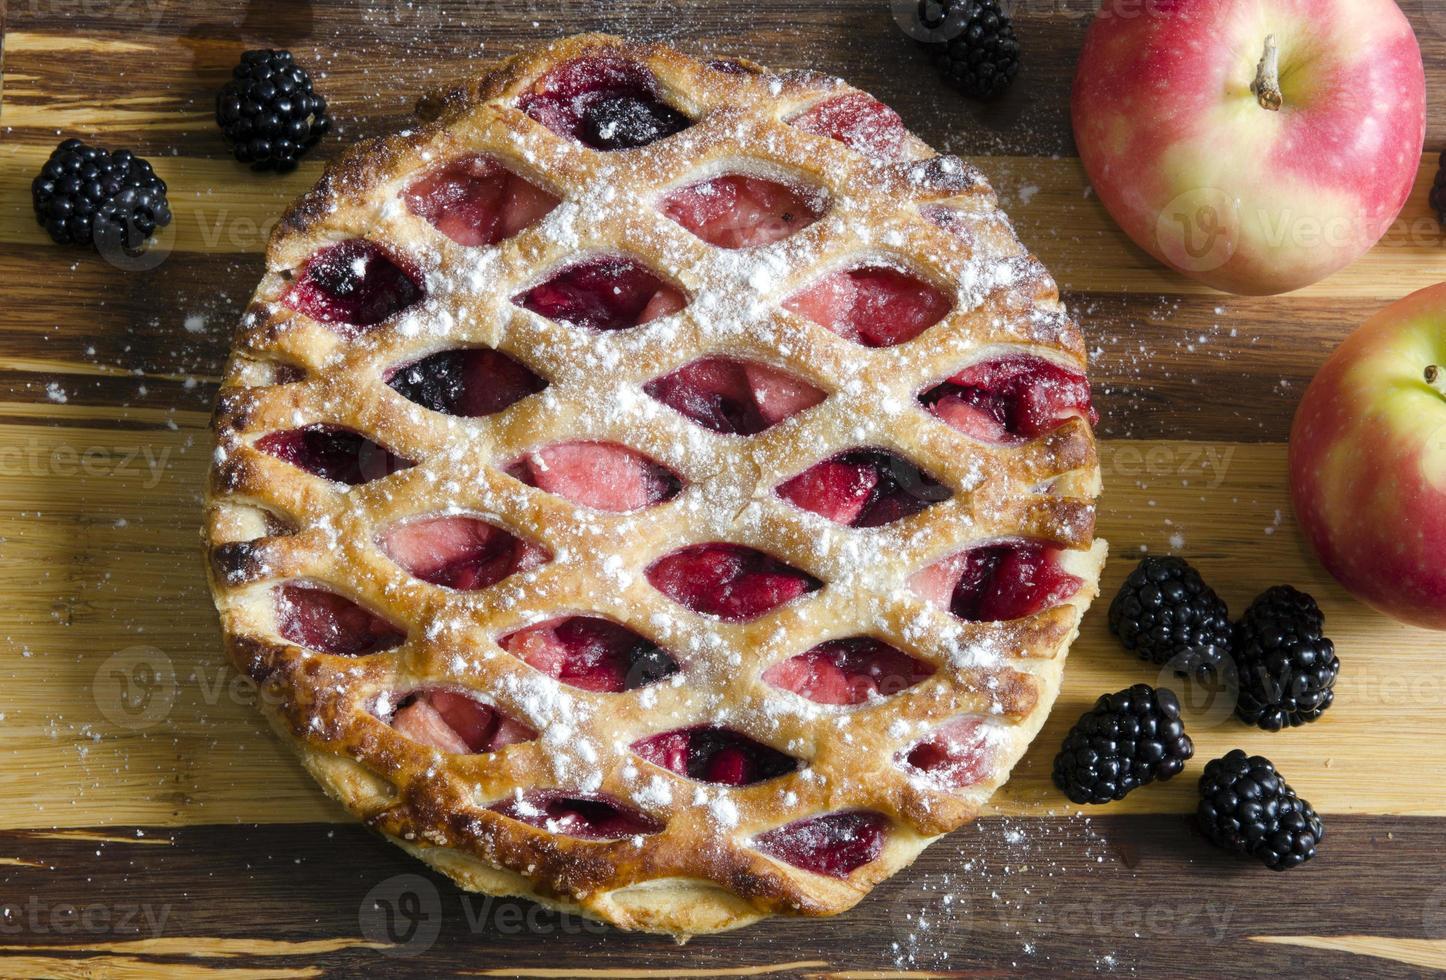 tarta de manzana con bayas en la mesa de madera foto